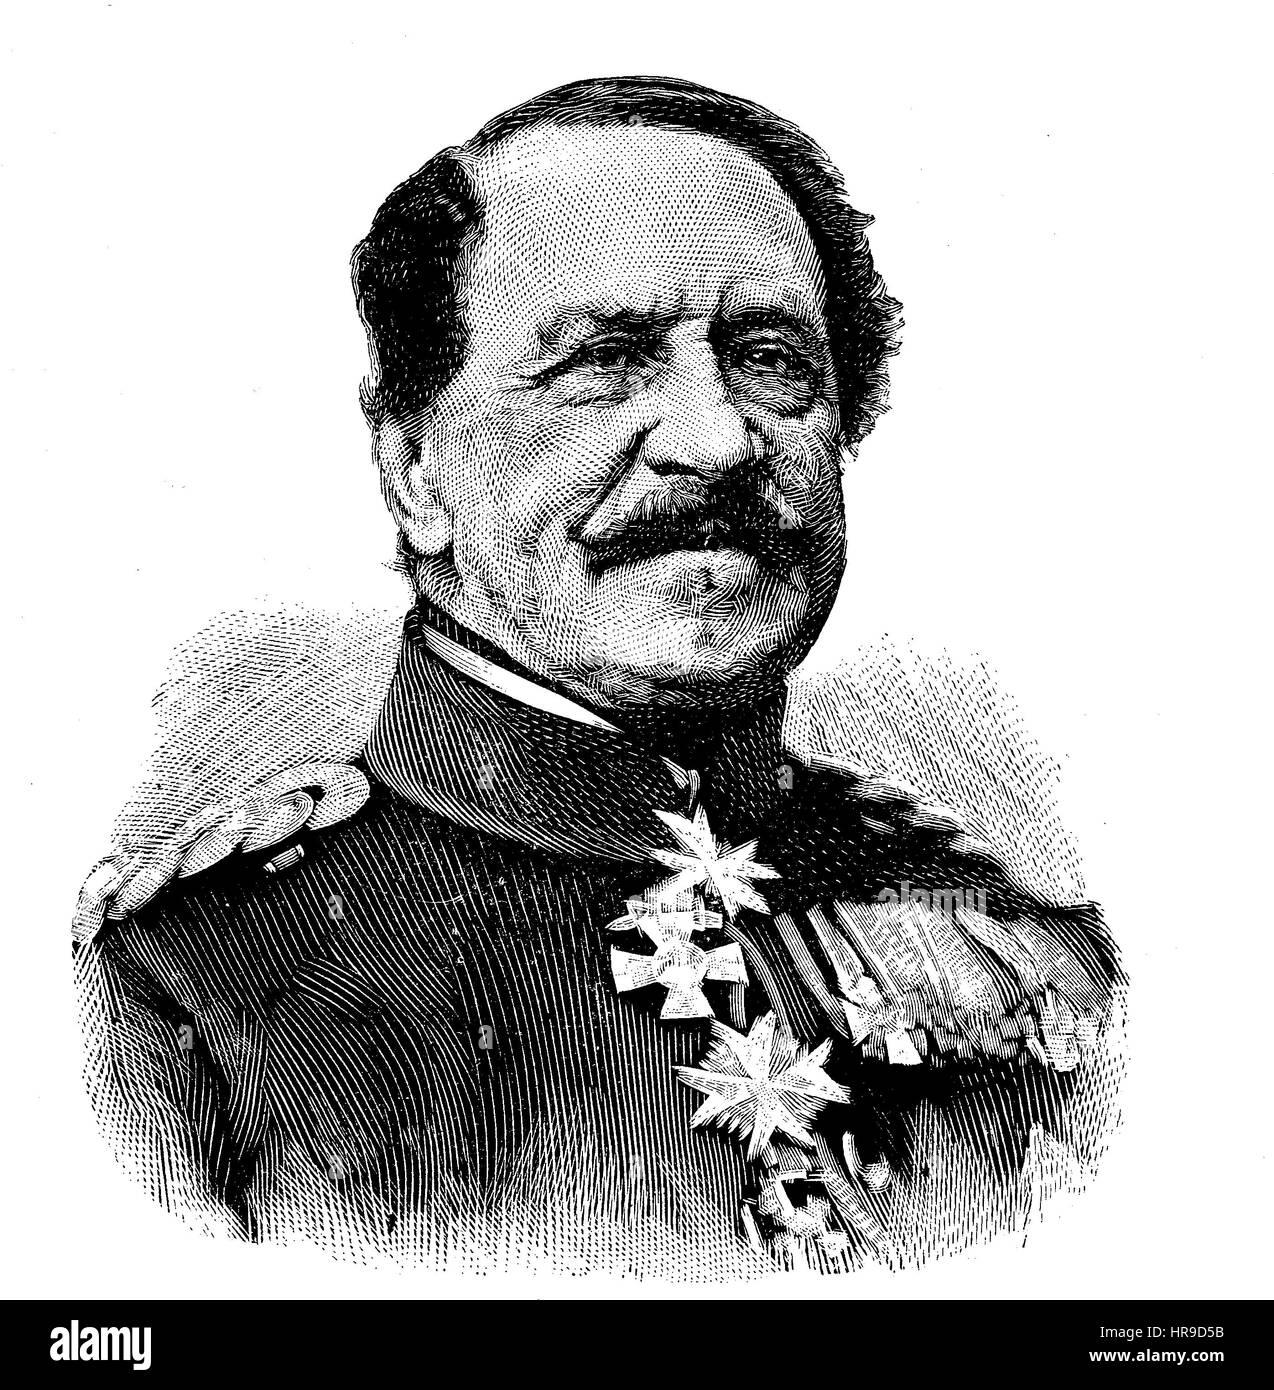 アレクサンダー・ゲオルク・ブンゲ